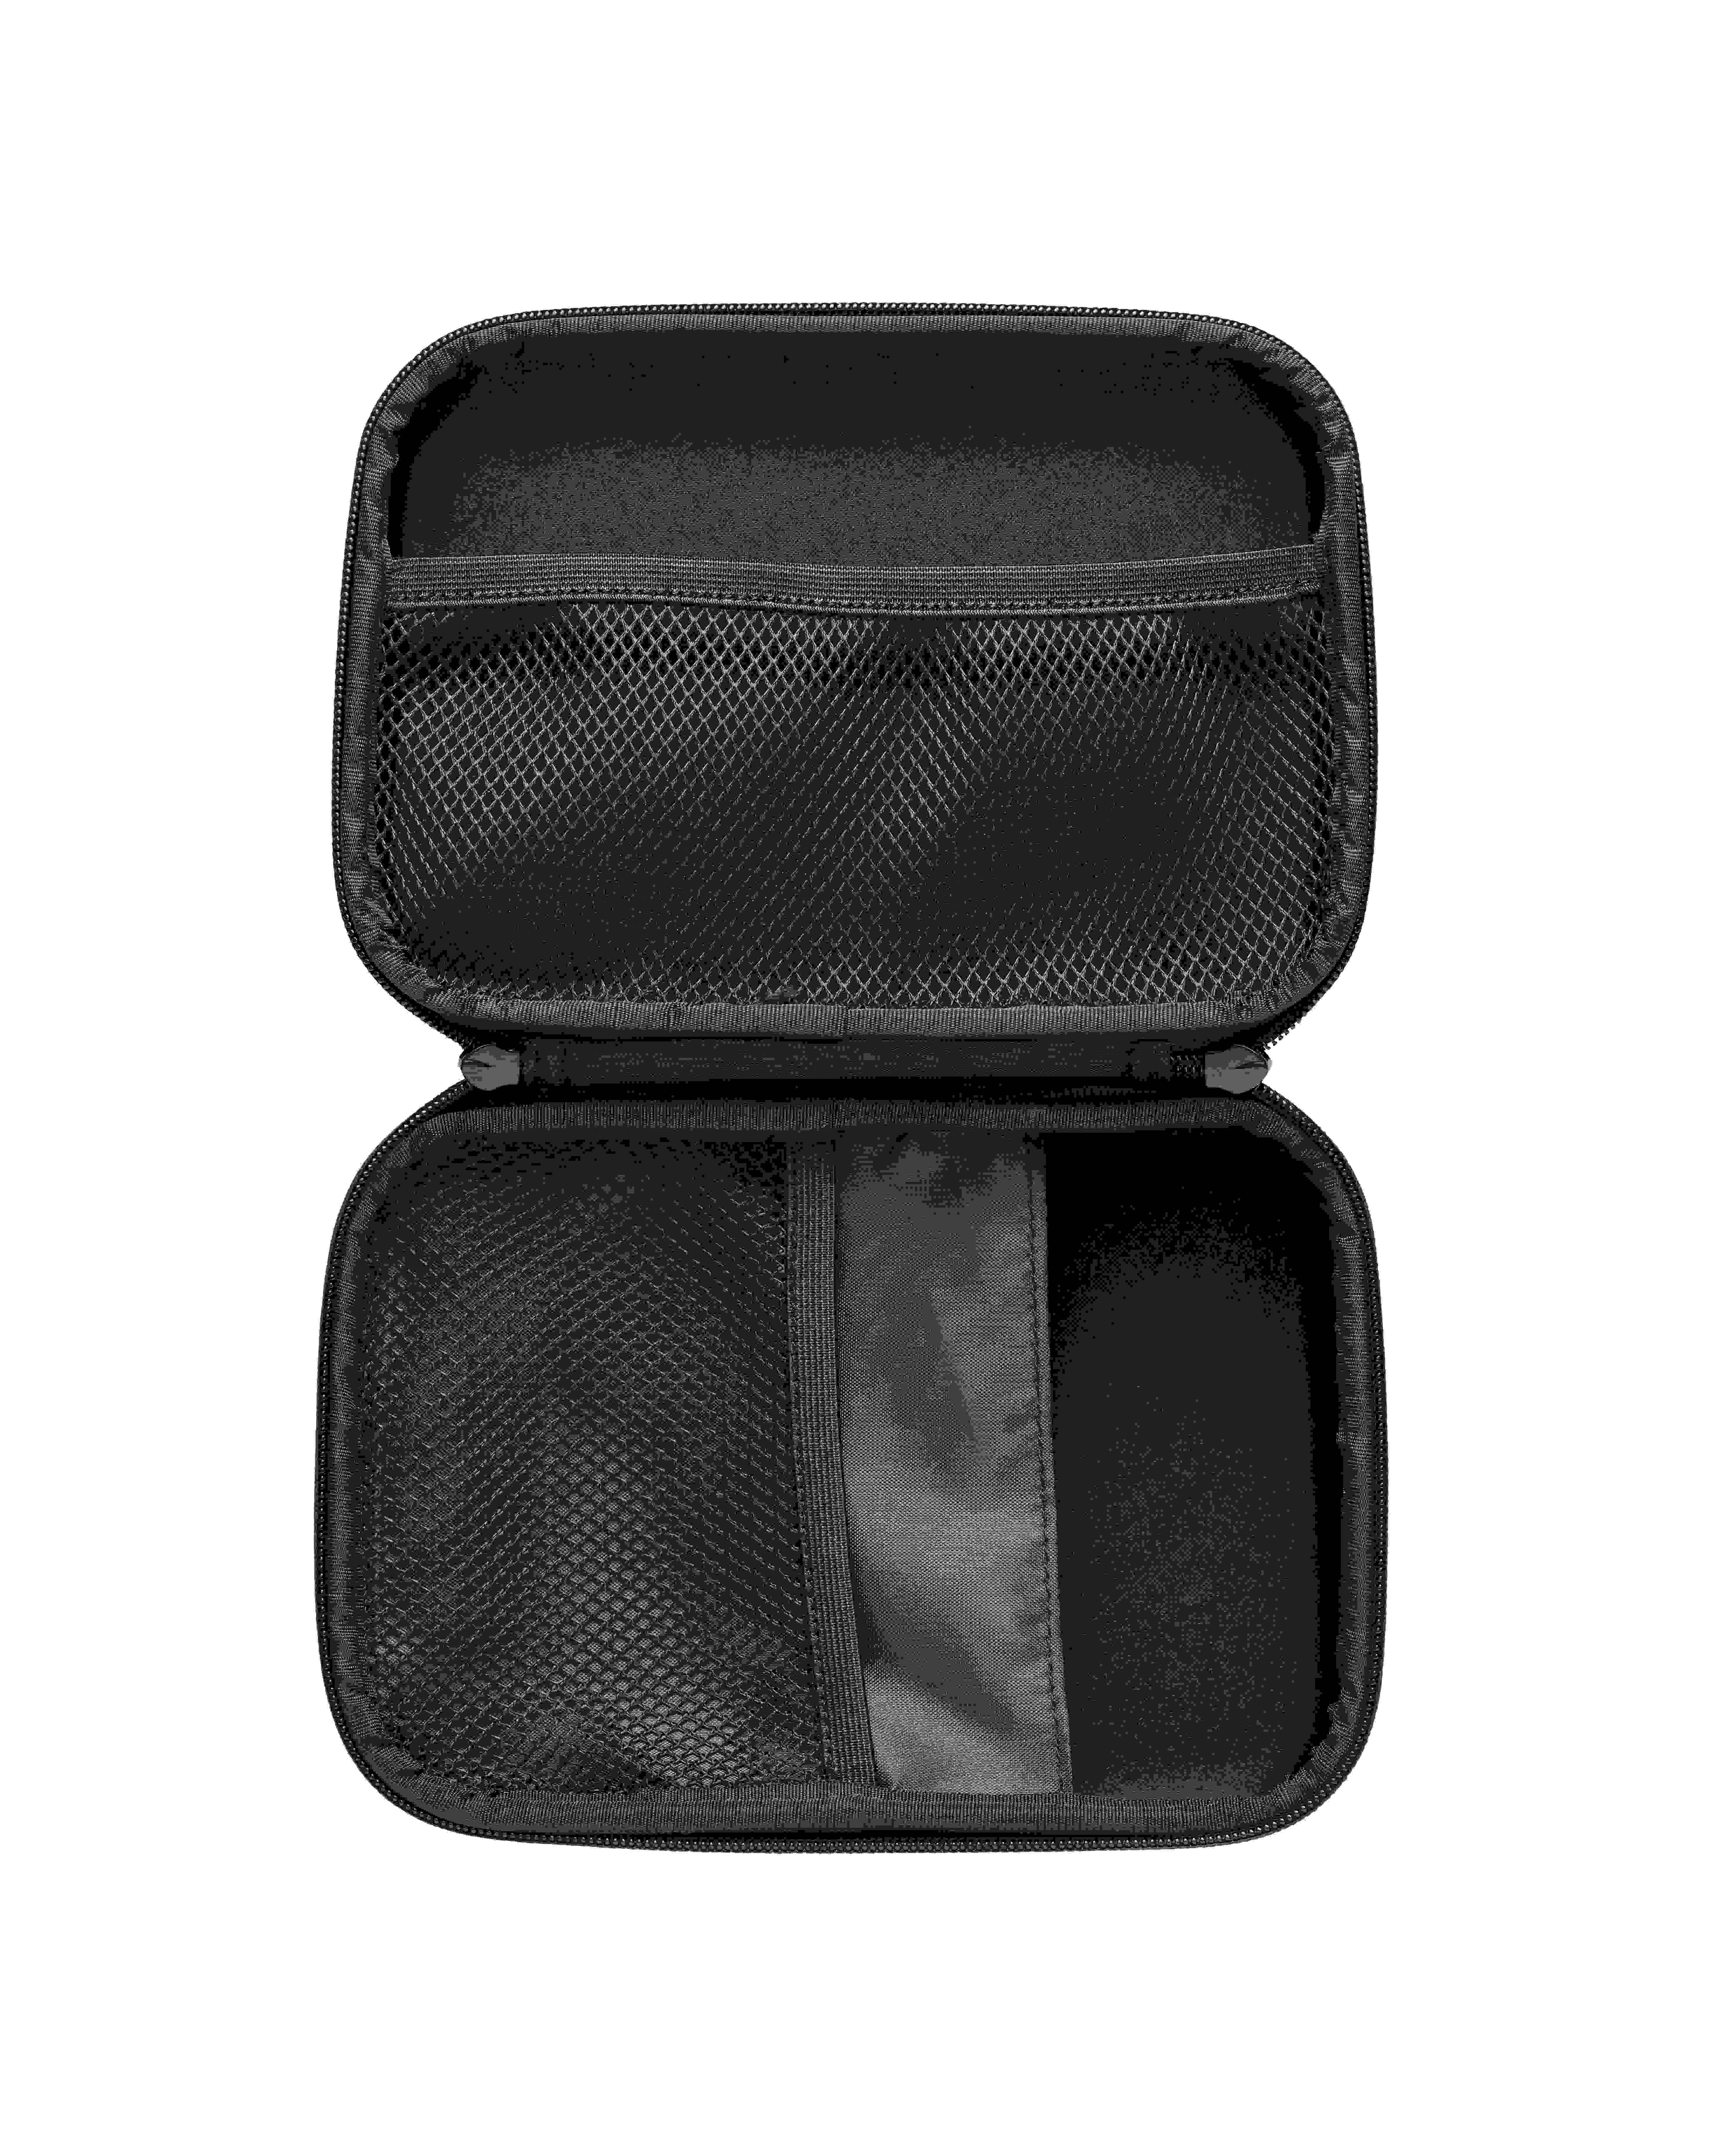 0590-0016-case-open